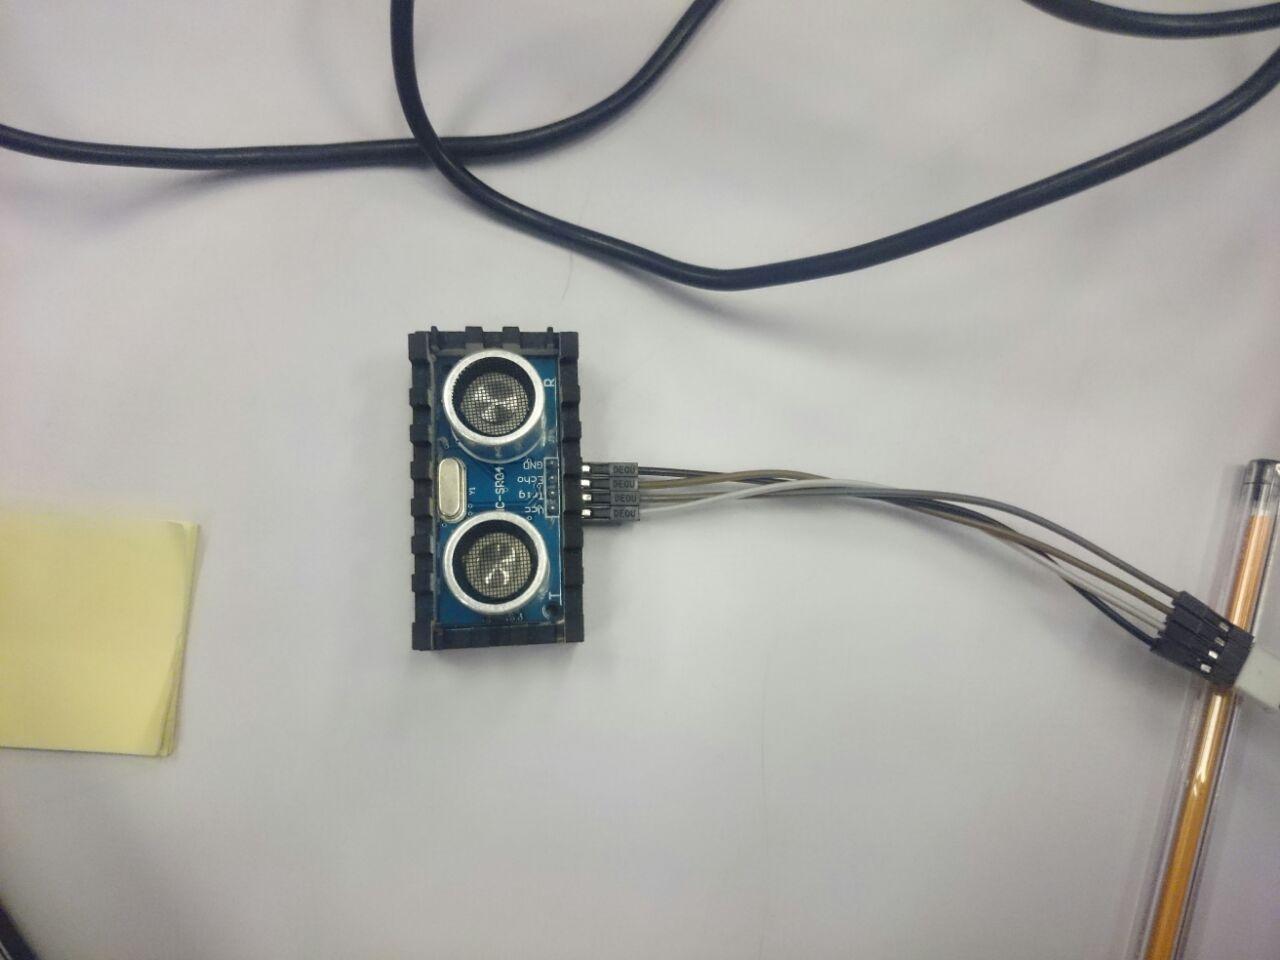 Picture of  Conectando O Sensor De Distância Ultrassônico